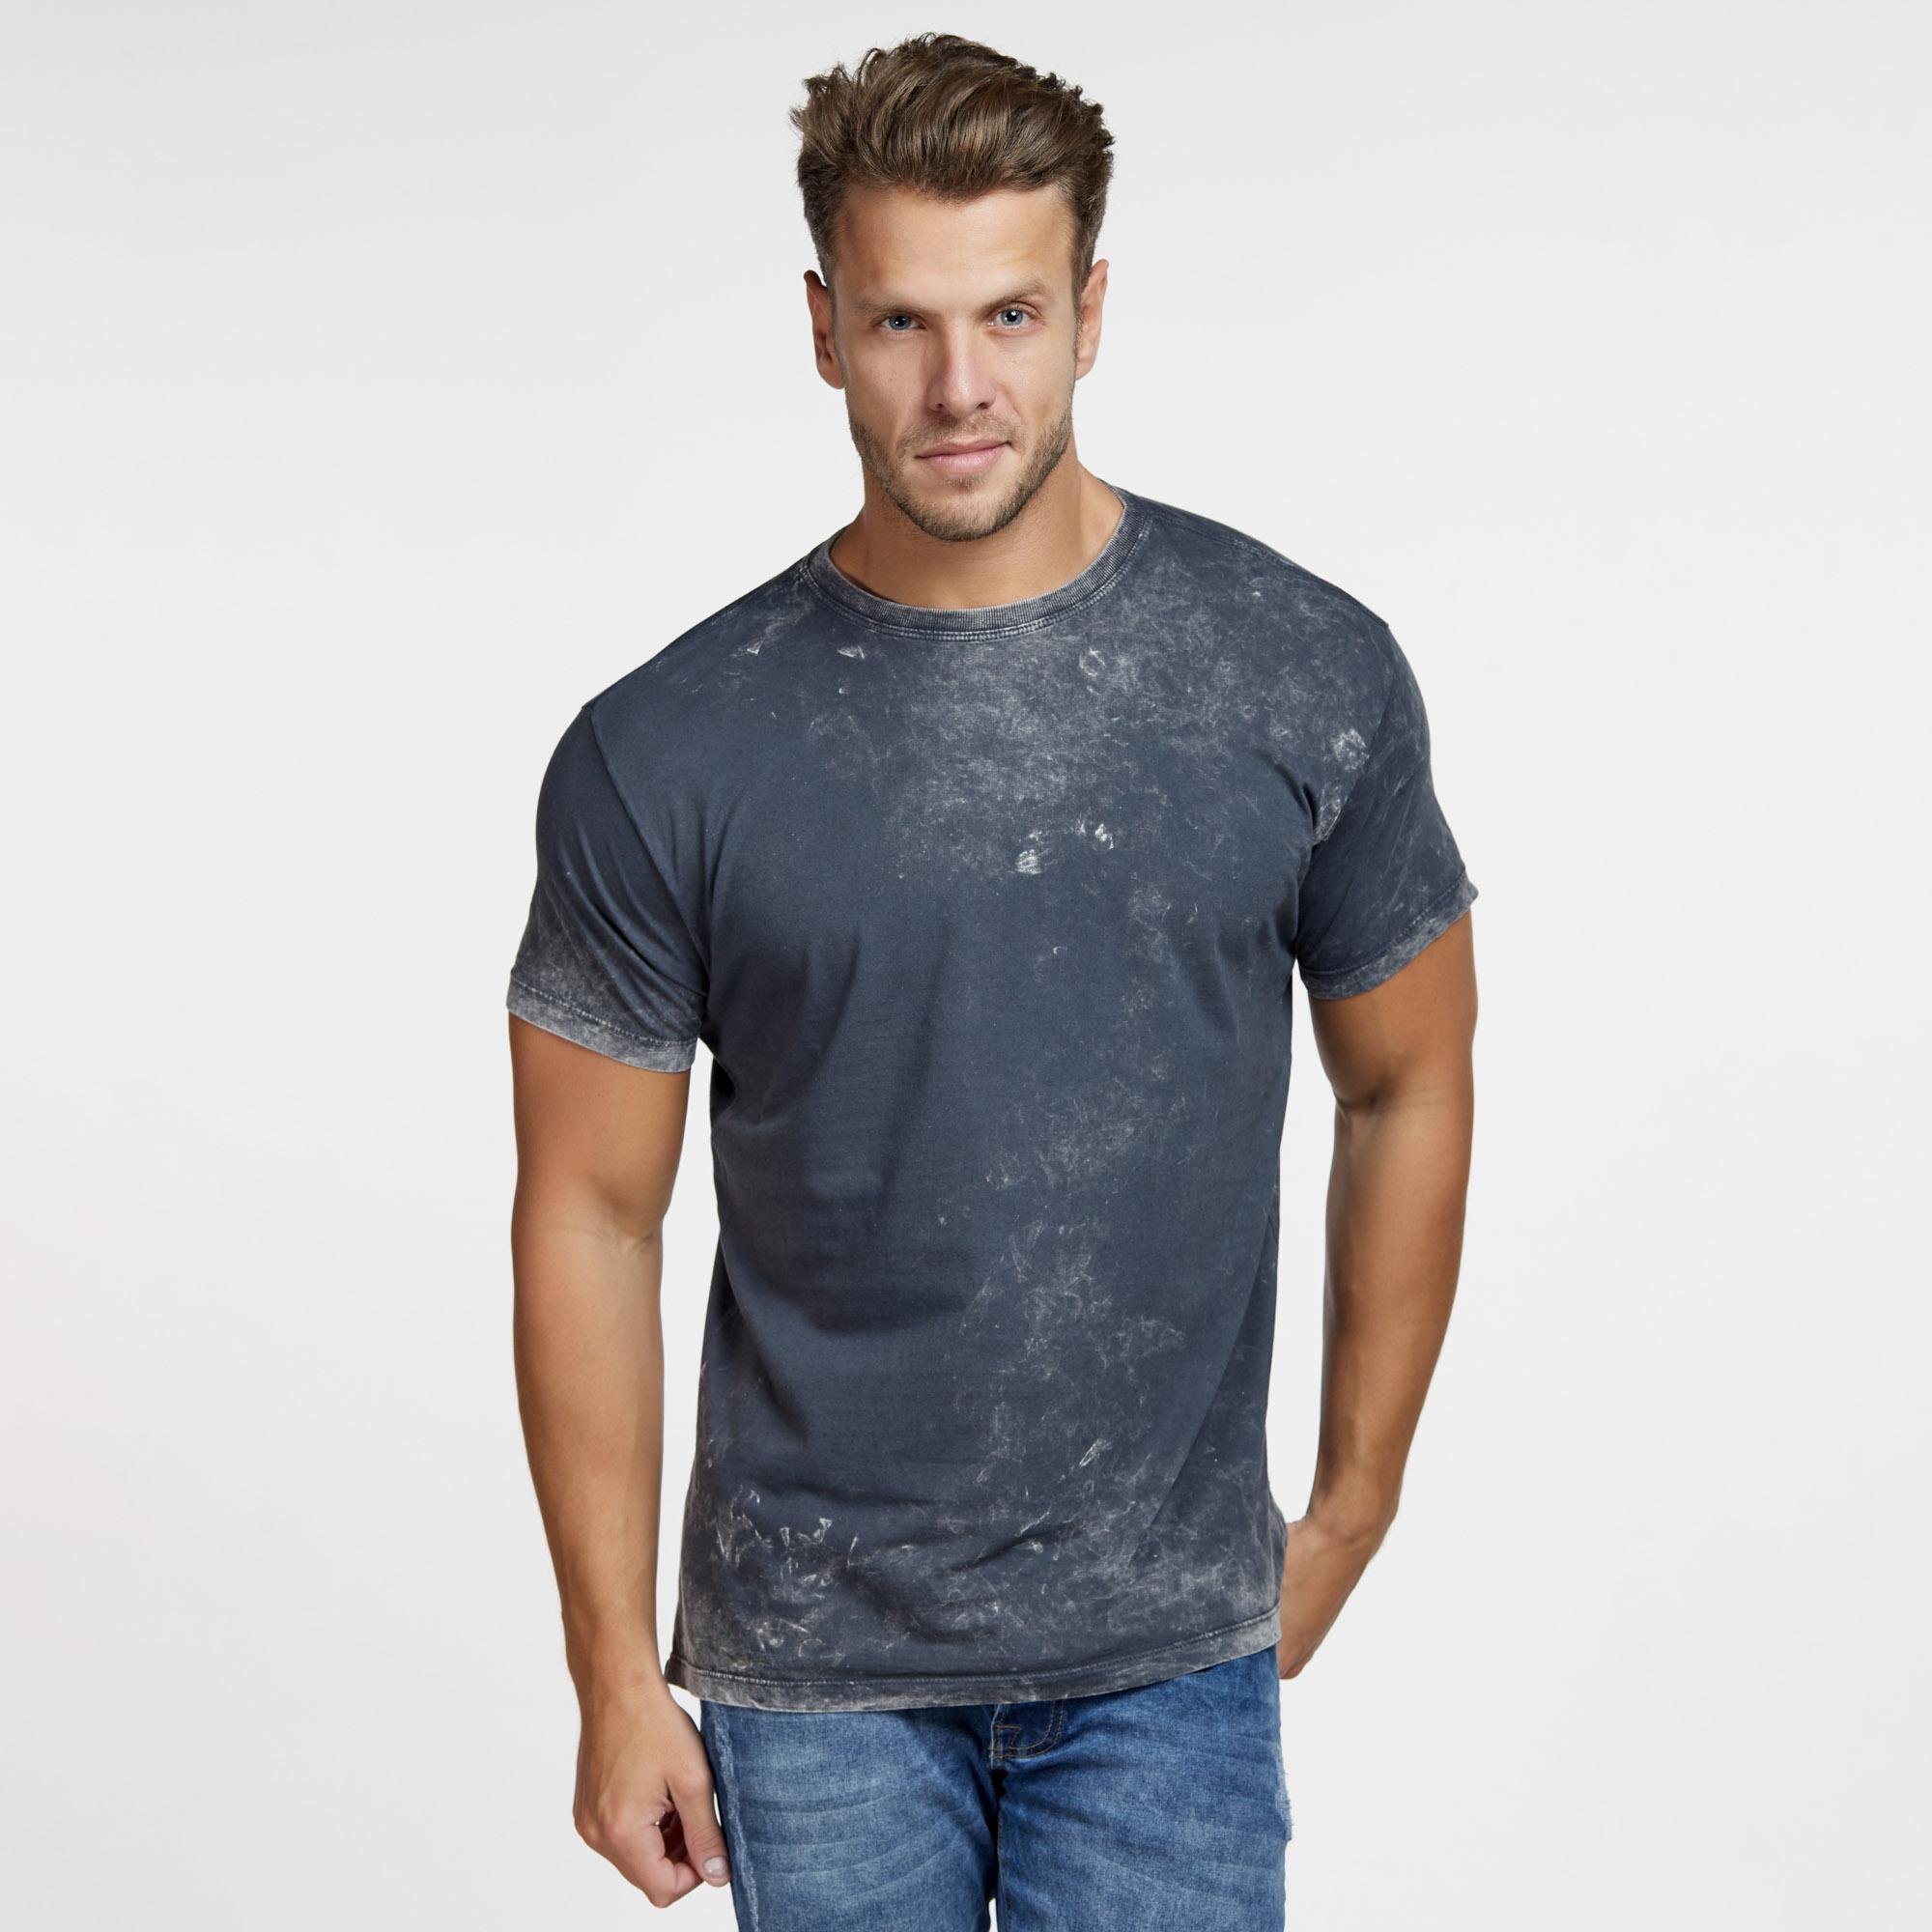 Camiseta Masculina Marmorizada do Avesso Chumbo